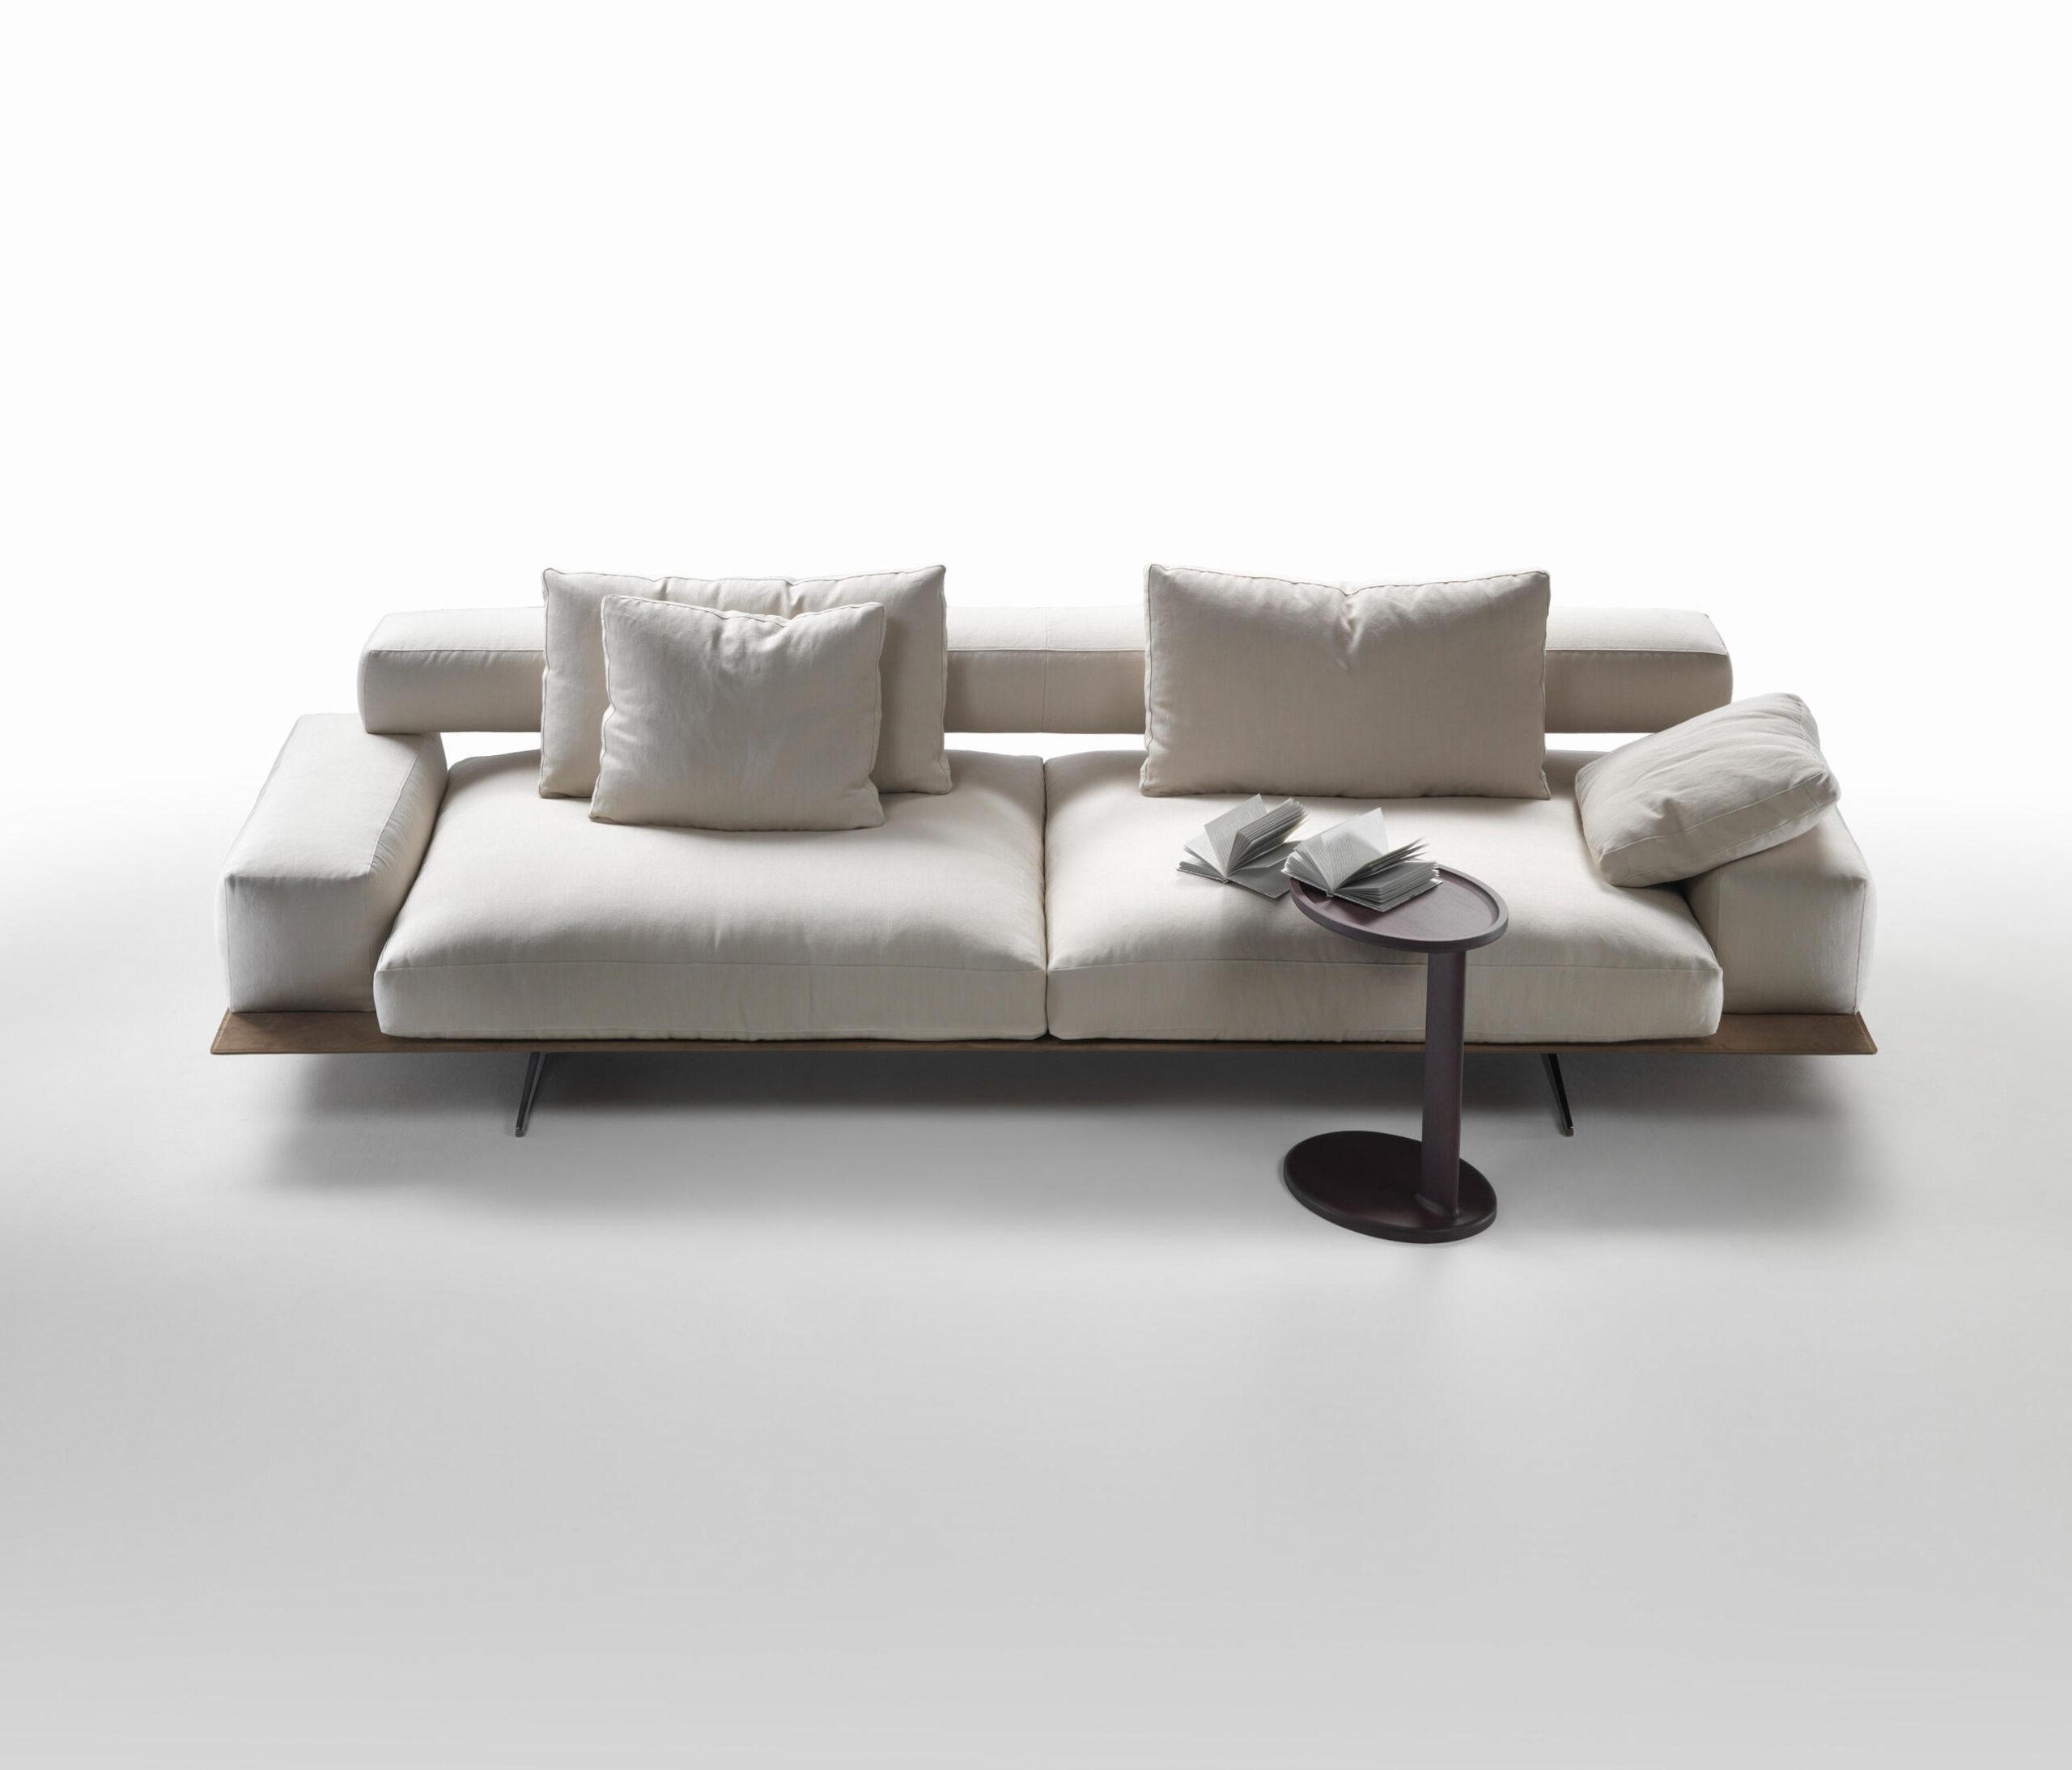 Full Size of Flexform Sofa Bed Eden Uk Cost Adda List Furniture Sale Gary Wing Sofas Von Architonic Neu Beziehen Lassen Mit Hocker Weiches Petrol 3er Modulares Luxus Liege Sofa Flexform Sofa